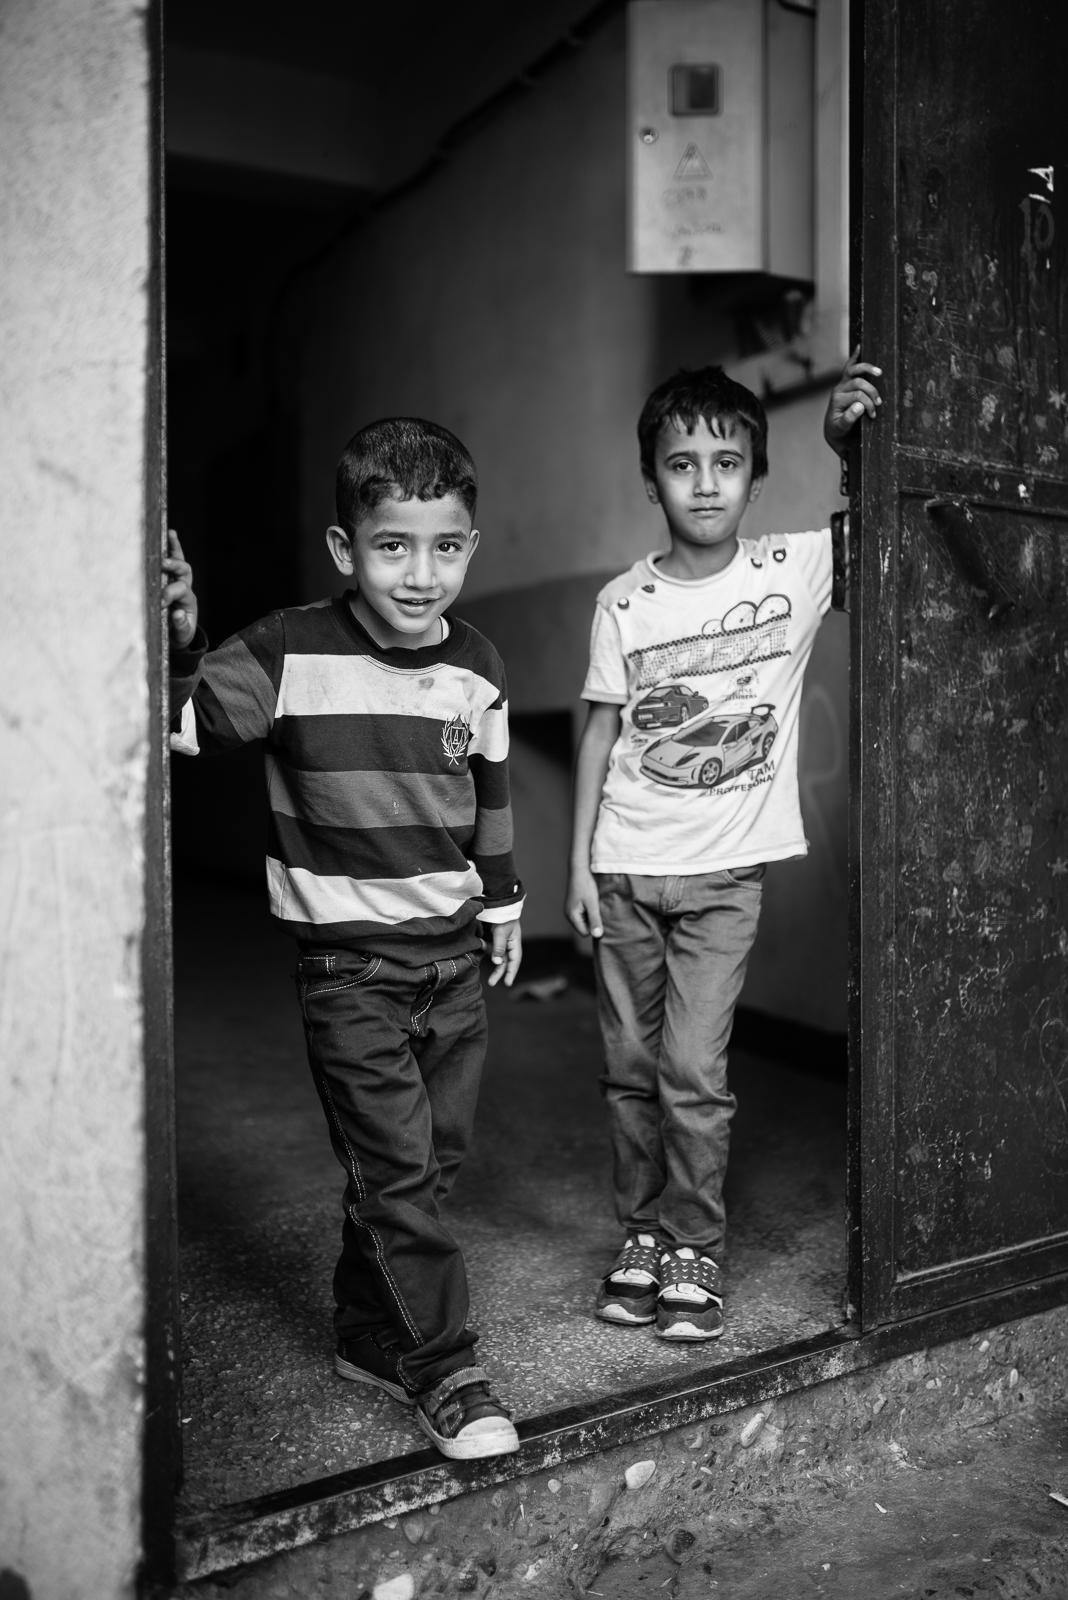 Friends. Dyarbakir (Turkey)